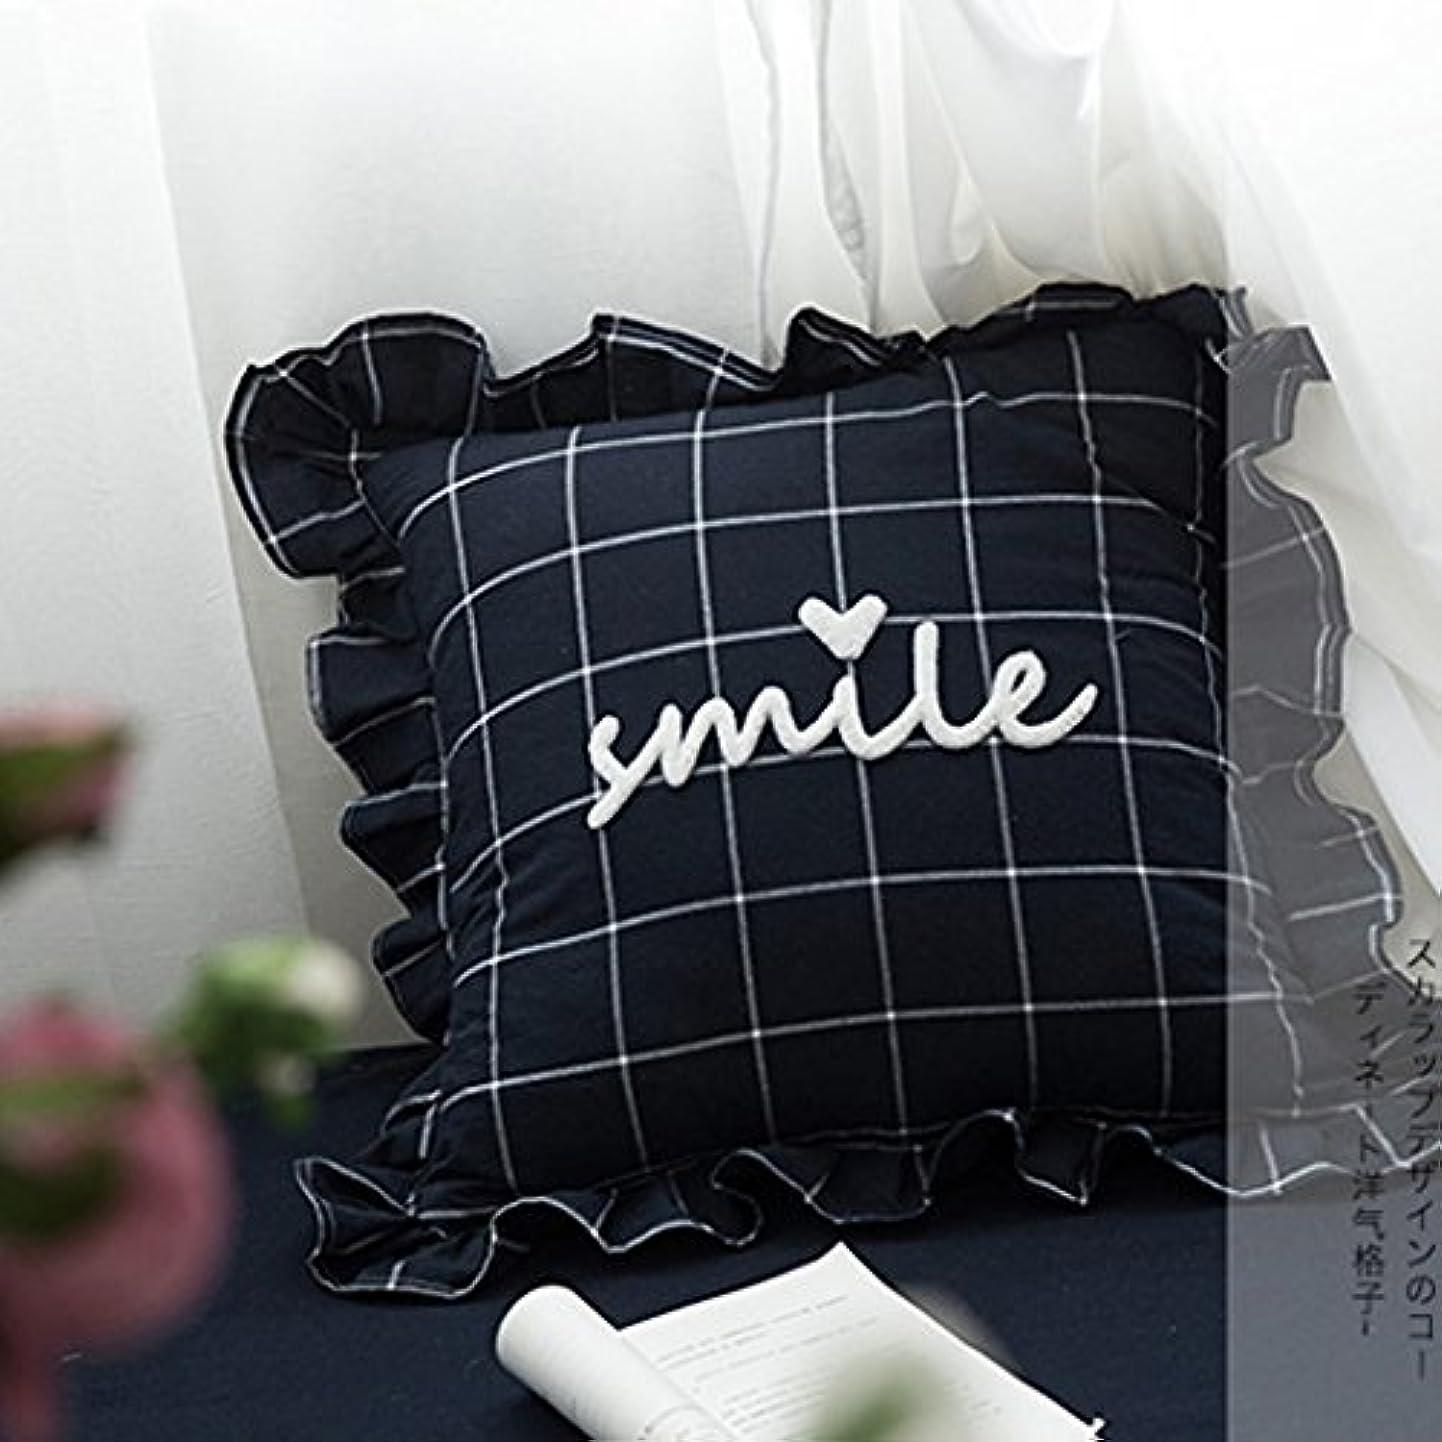 顧問カナダ魔女ソファーベッドの家の装飾のための古典的な格子縞の正方形の枕クッション - 青